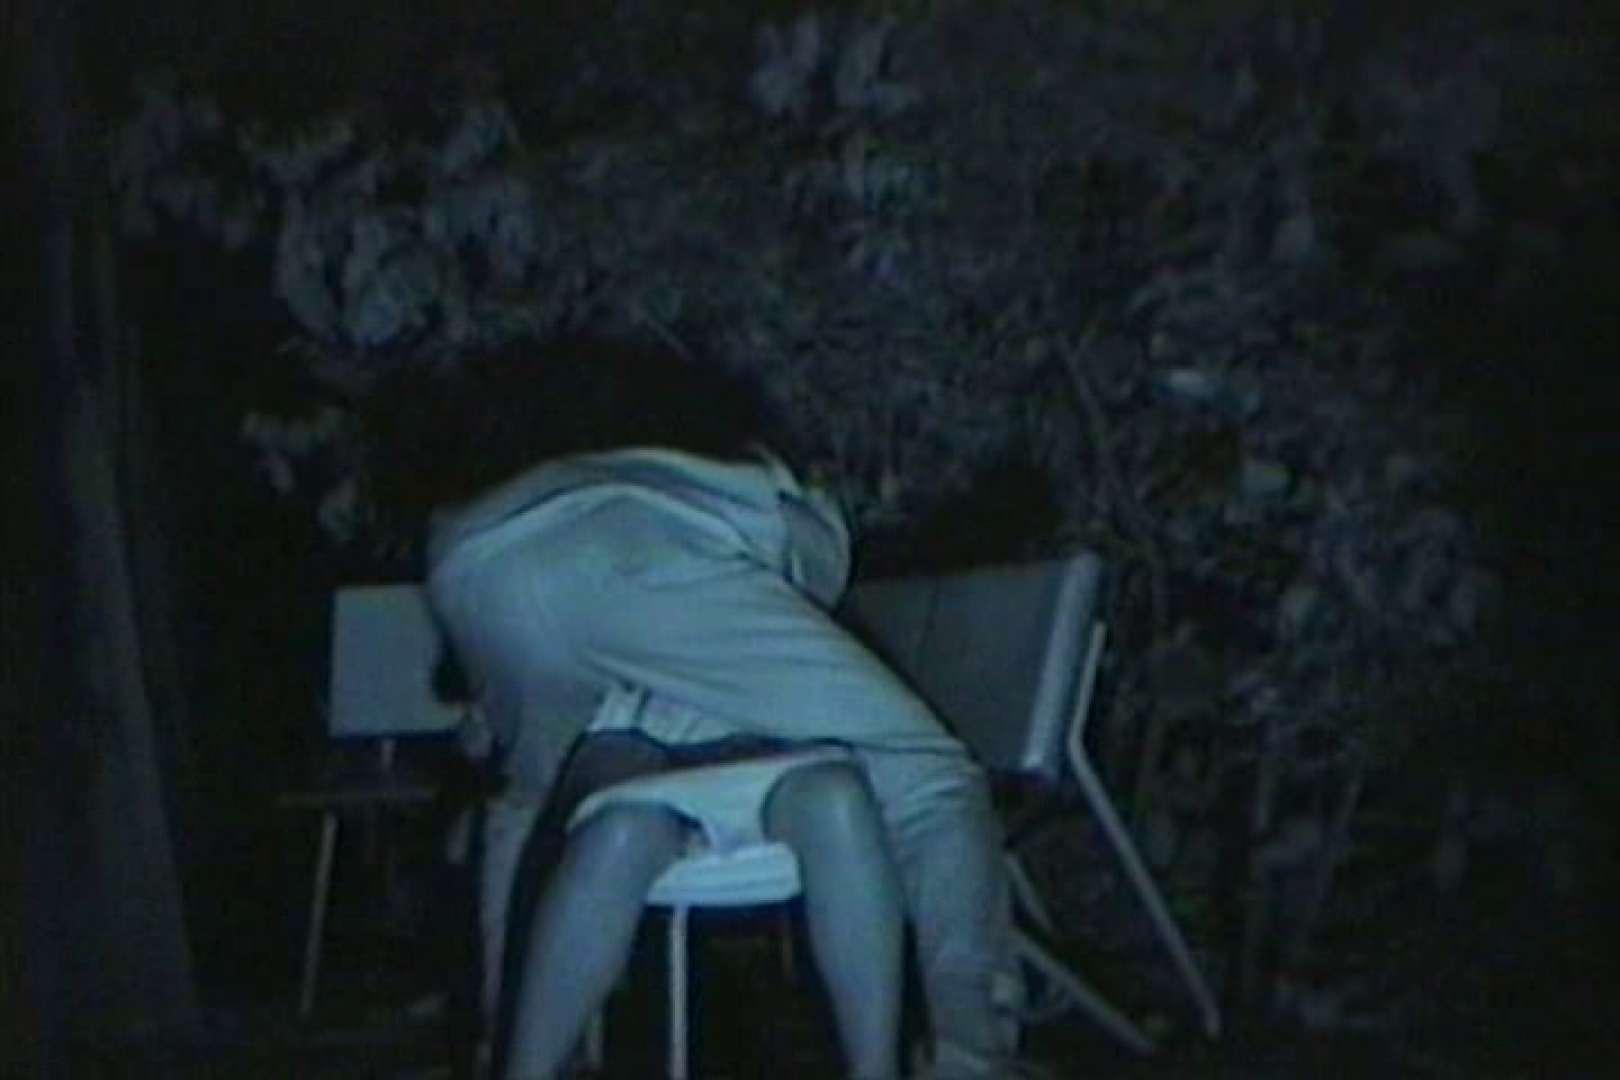 闇の仕掛け人 無修正版 Vol.25 美しいOLの裸体  102pic 34